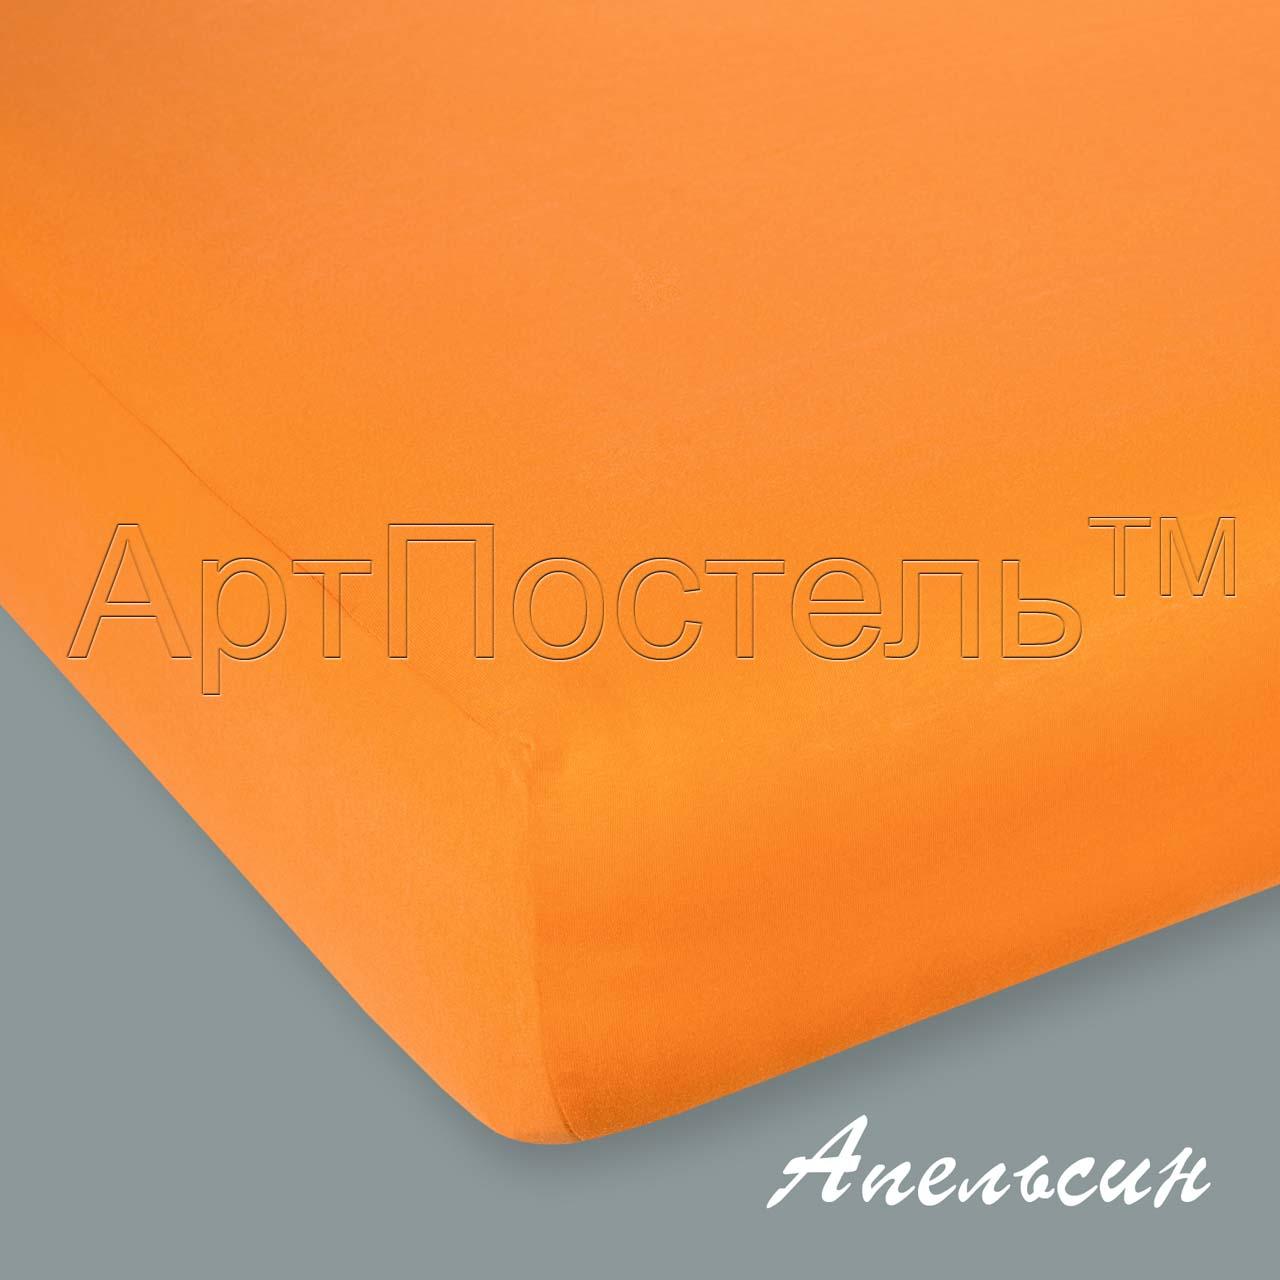 Простыня на резинке Апельсин, размер 140х200 смПростыни<br>Плотность ткани: 145 г/кв. м <br>Высота матраса: 20 см<br><br>Тип: Простыня<br>Размер: 140х200<br>Материал: Кулирка